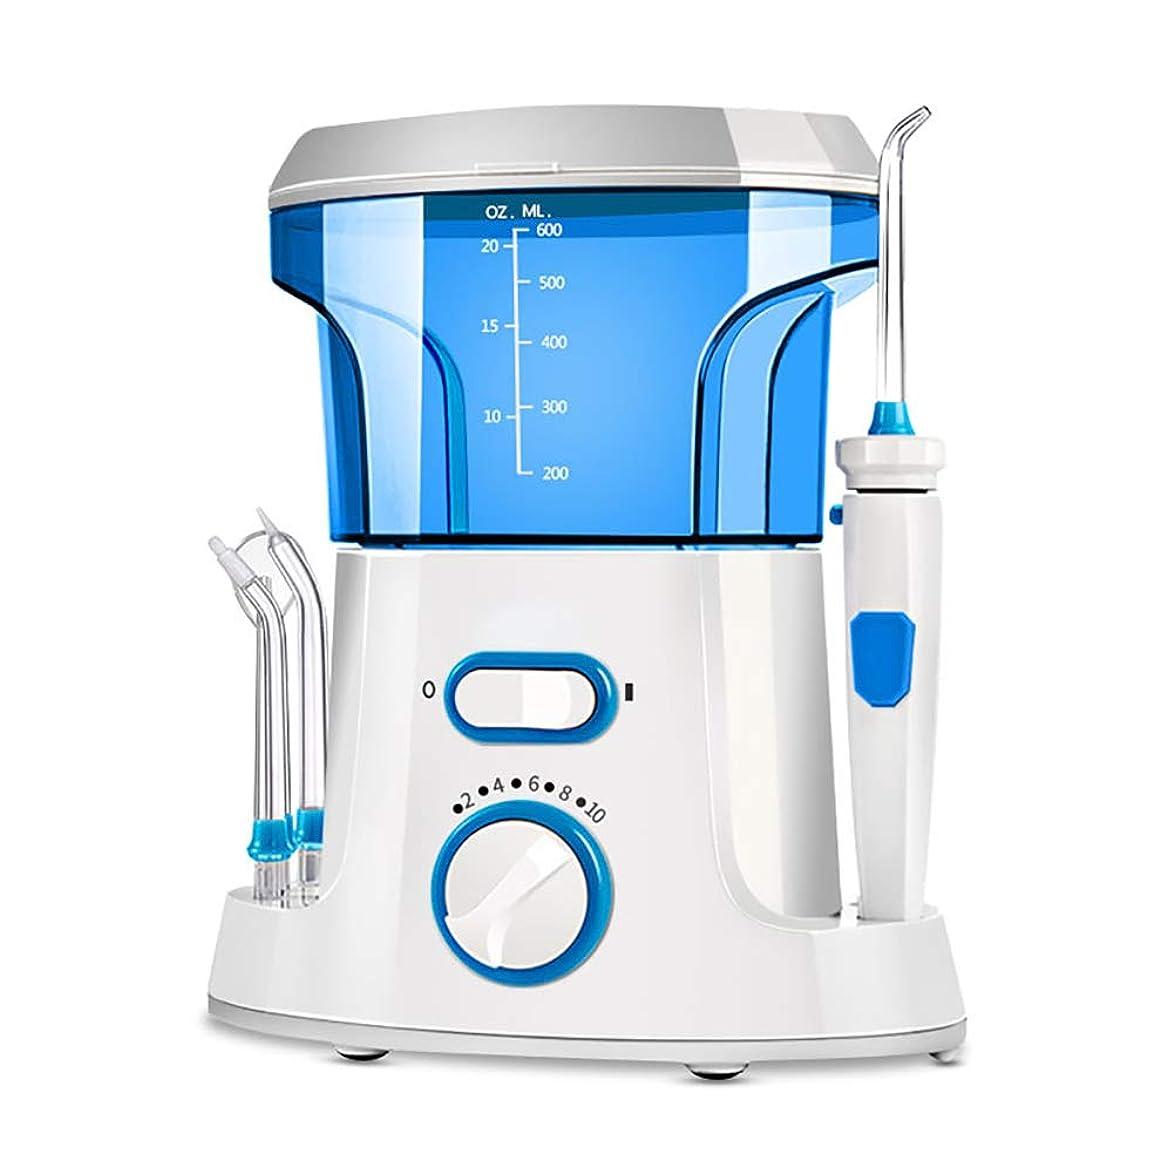 一月警察署繰り返す電気歯の洗剤のキットの世帯の自動理性的な口腔きれいな歯